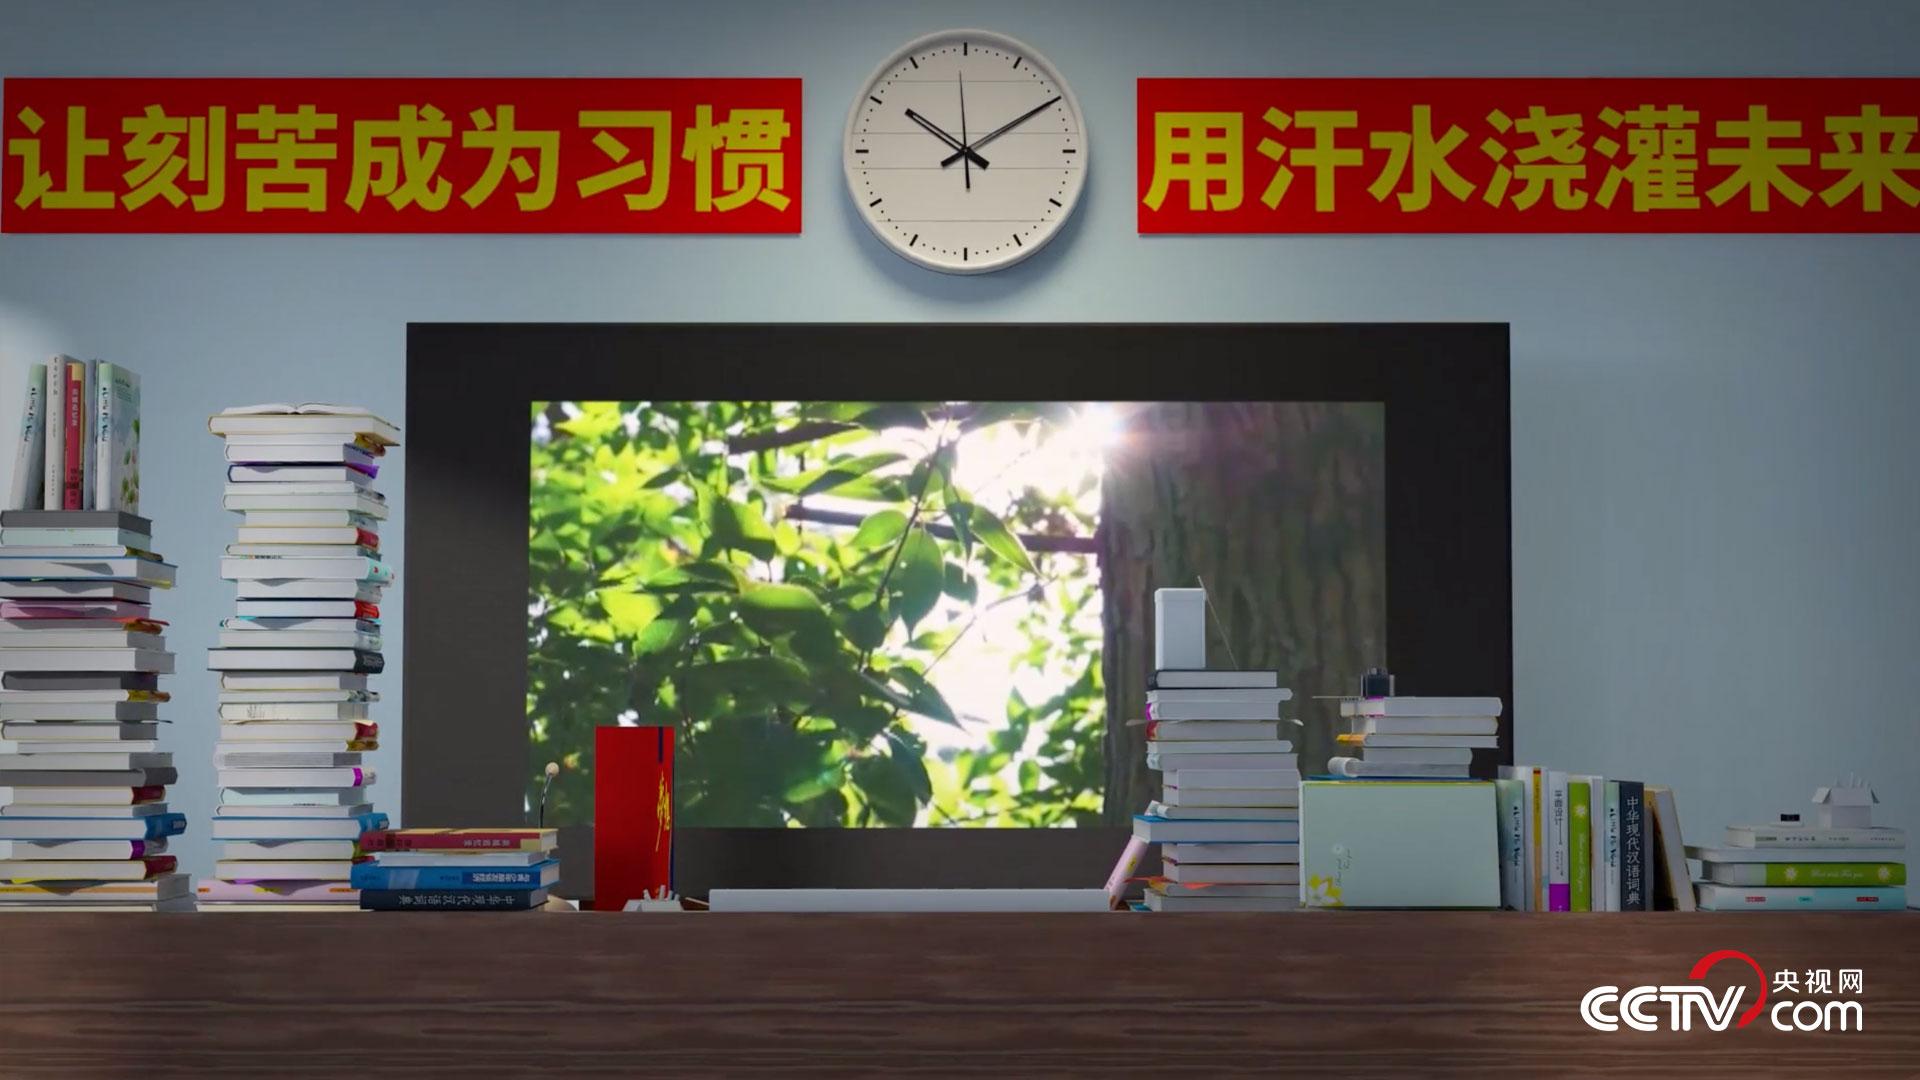 微视频:北京同济医院颢孕网梦想从学习开始